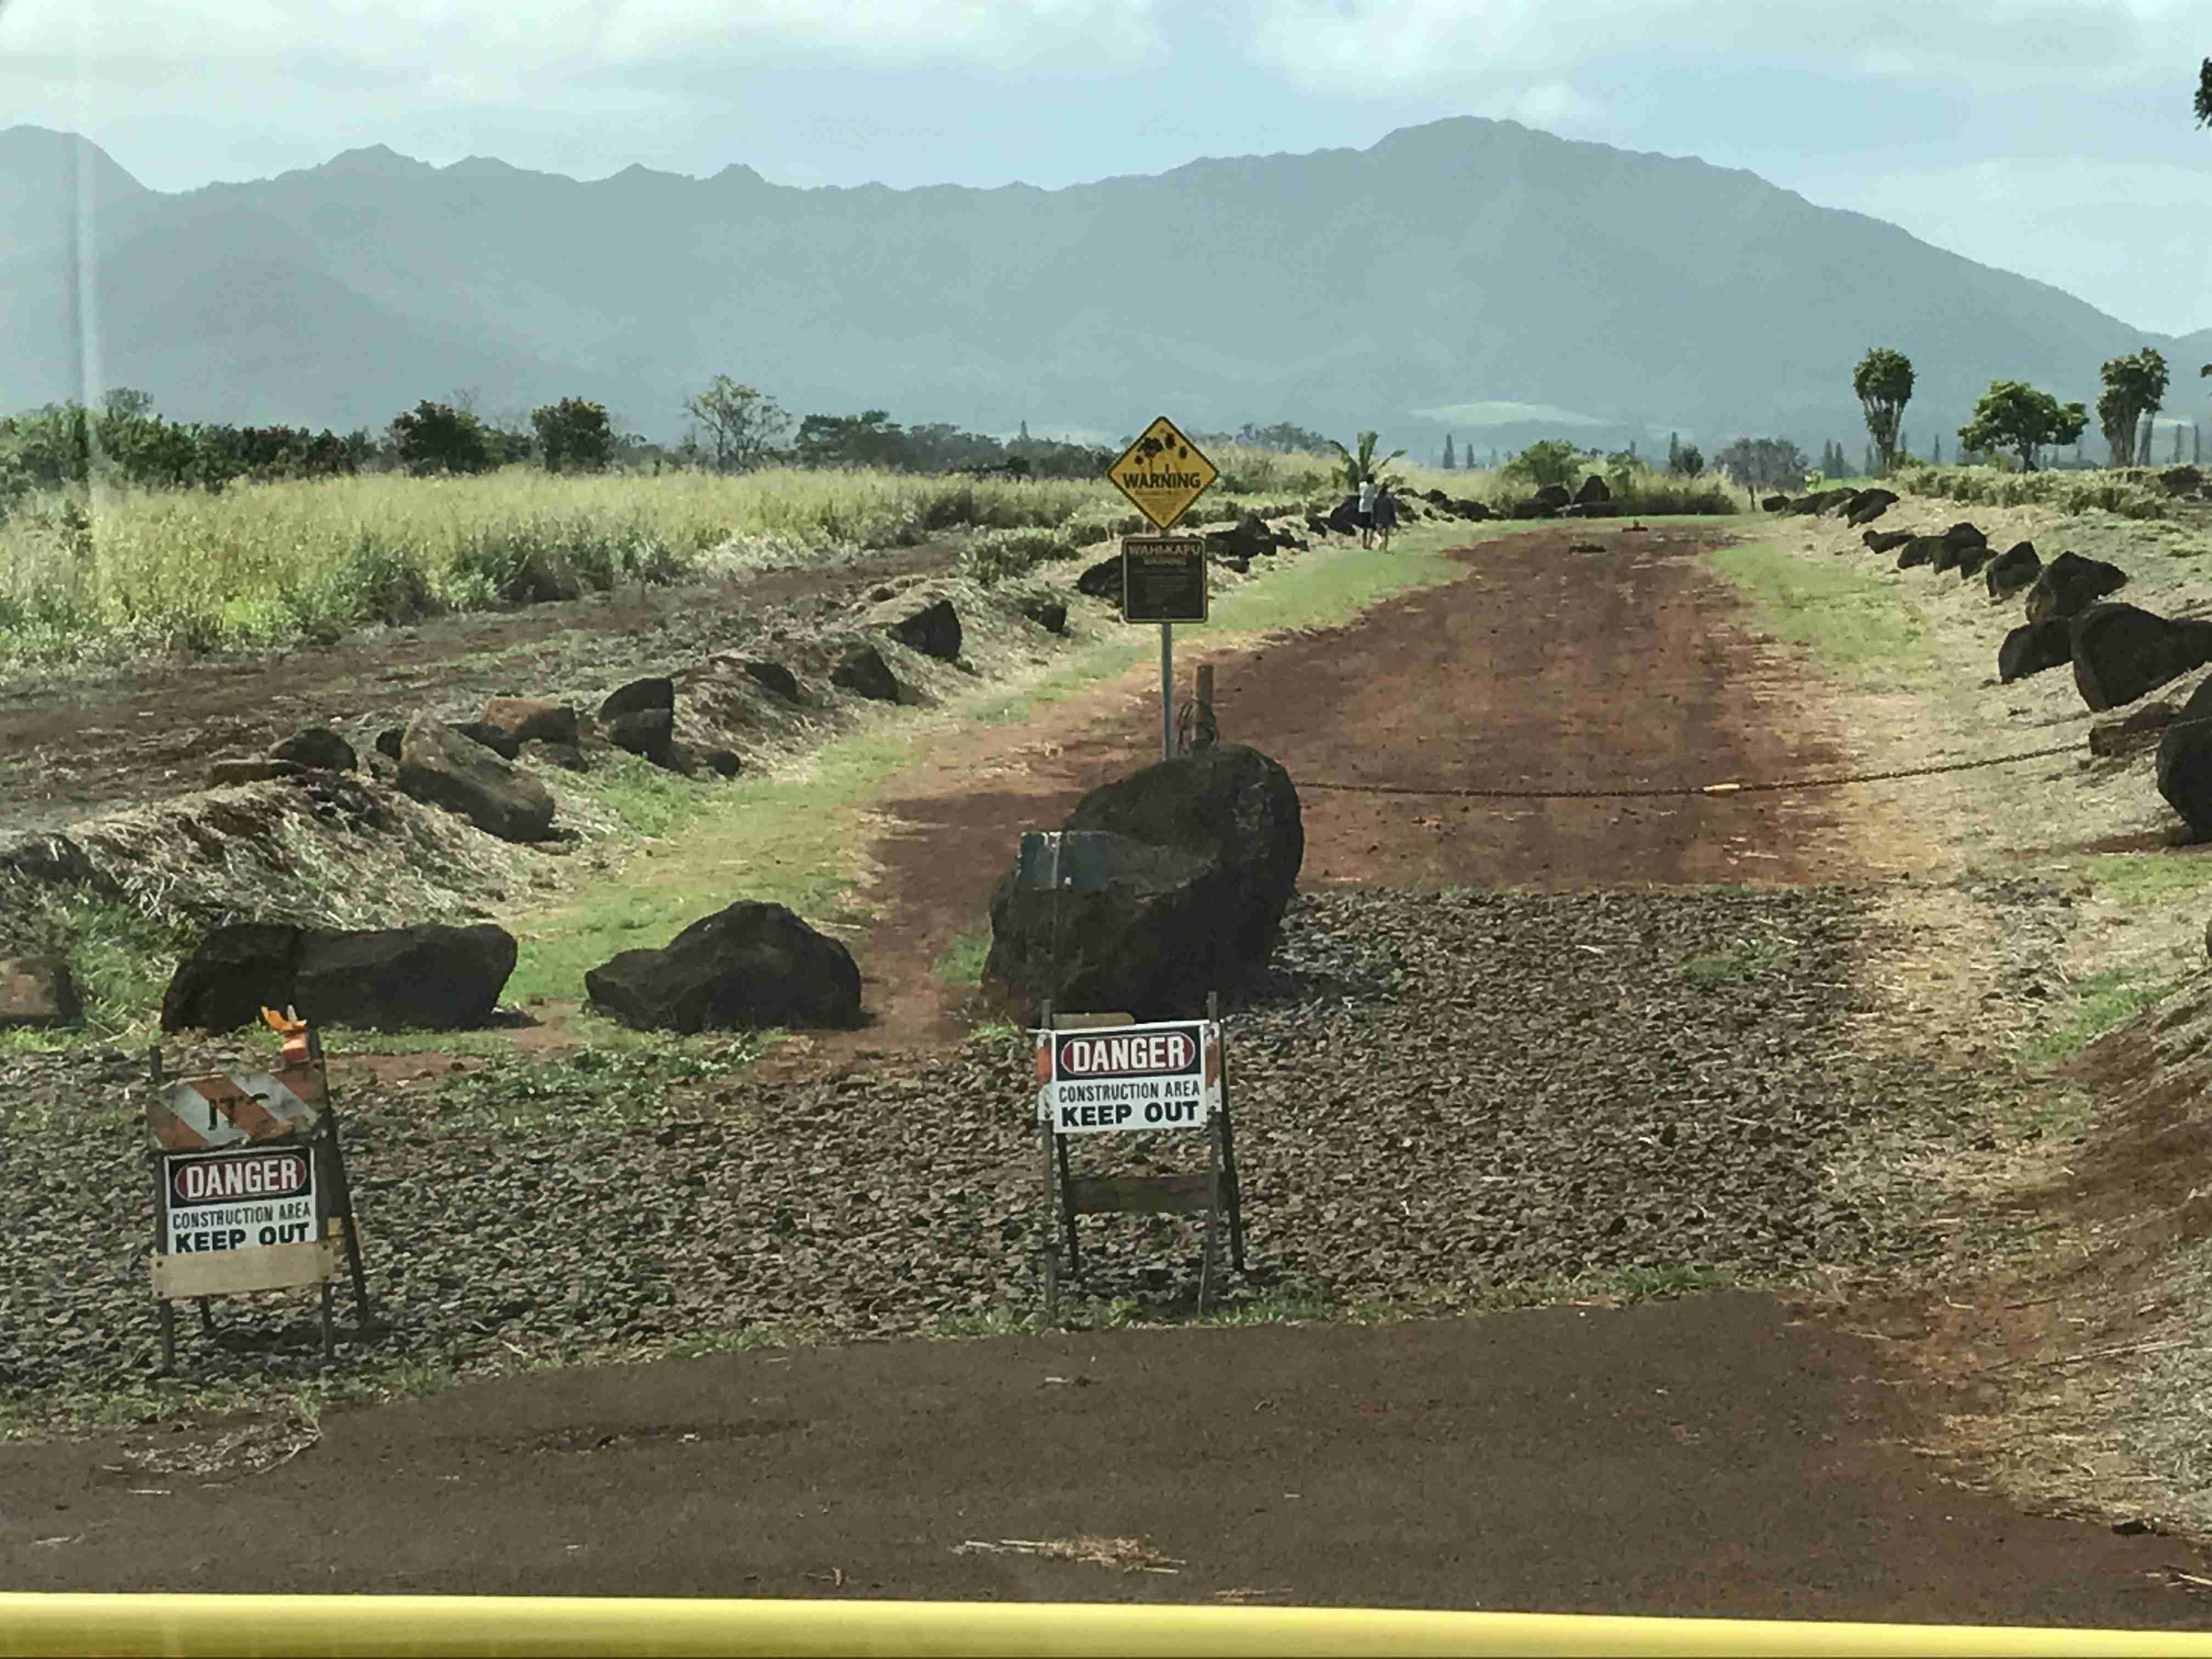 西山茉希、ハワイのおすすめパワースポットを紹介「帰国してから第2子を授かった」